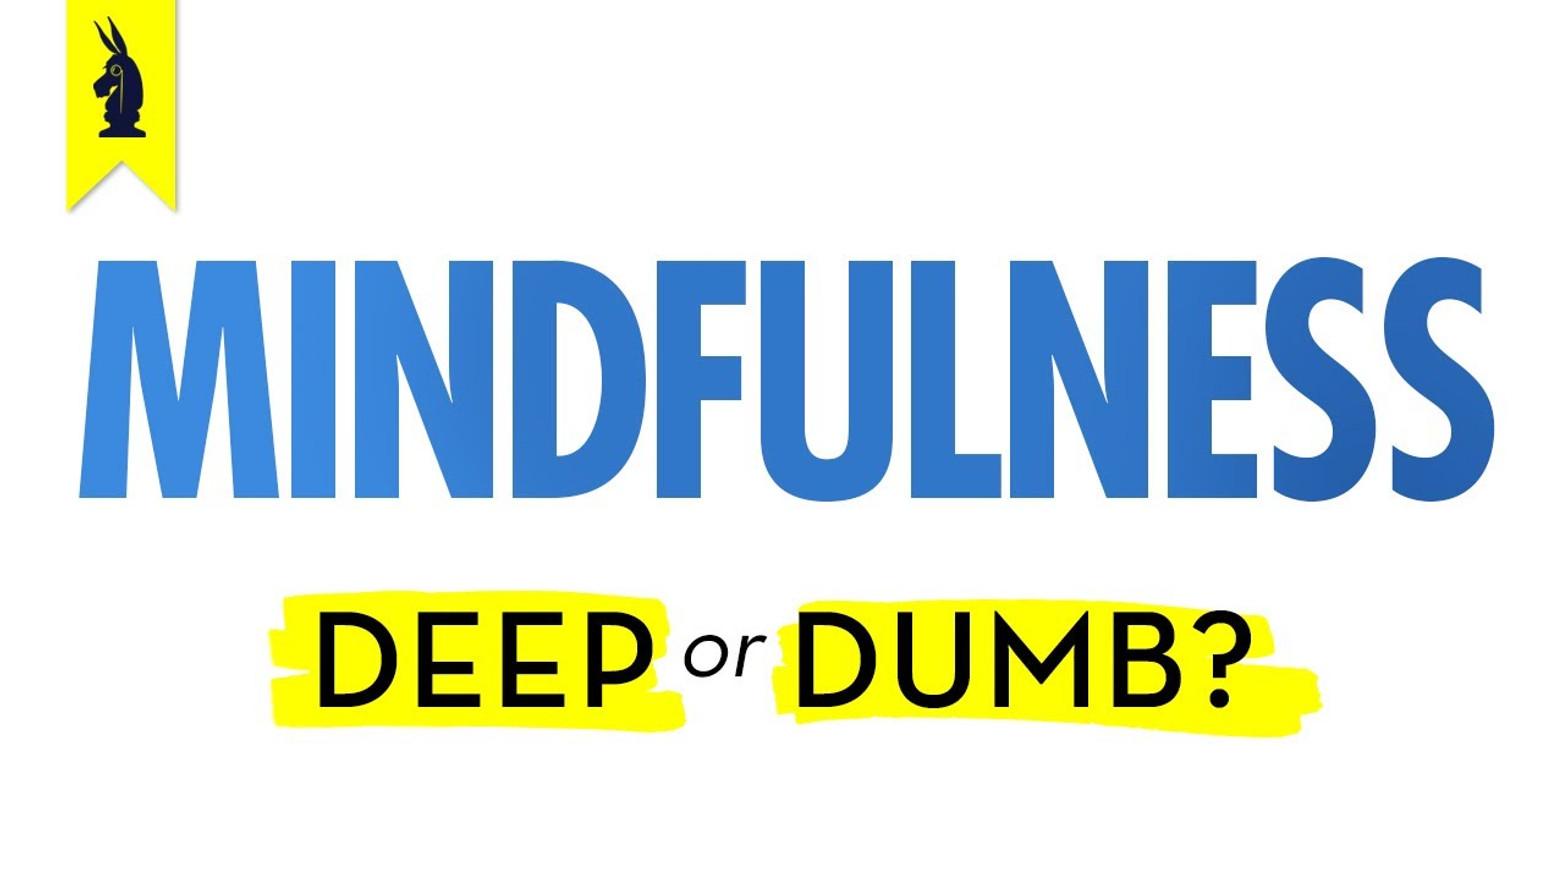 Mindfulness: Deep or Dumb?